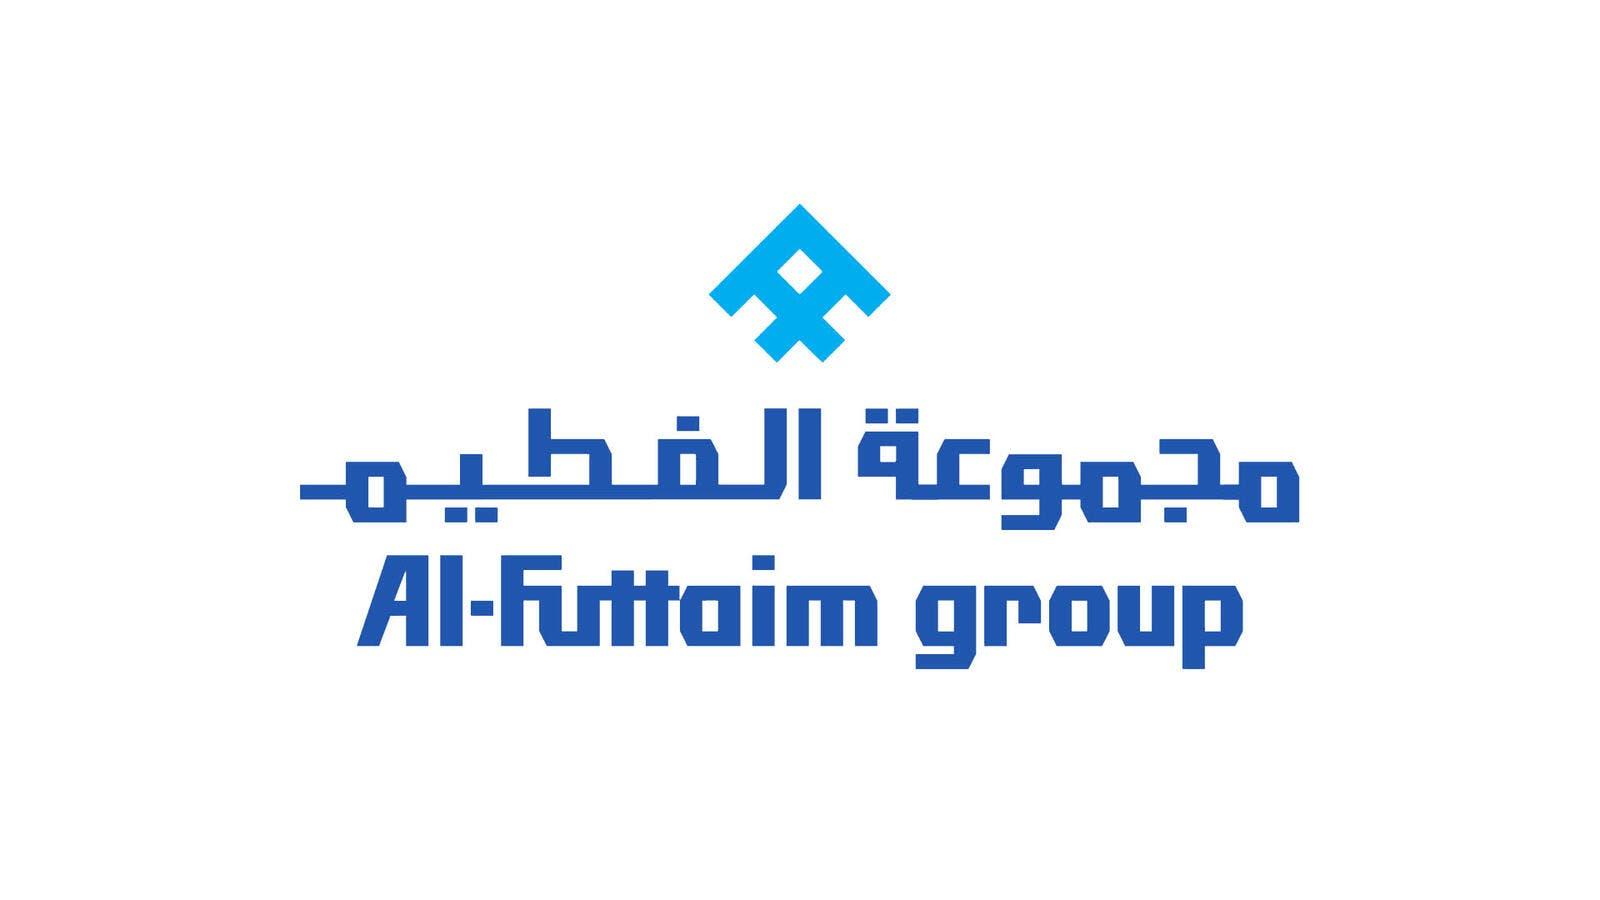 أقوى 10 شركات عائلية عربية لعام 2020   البوابة